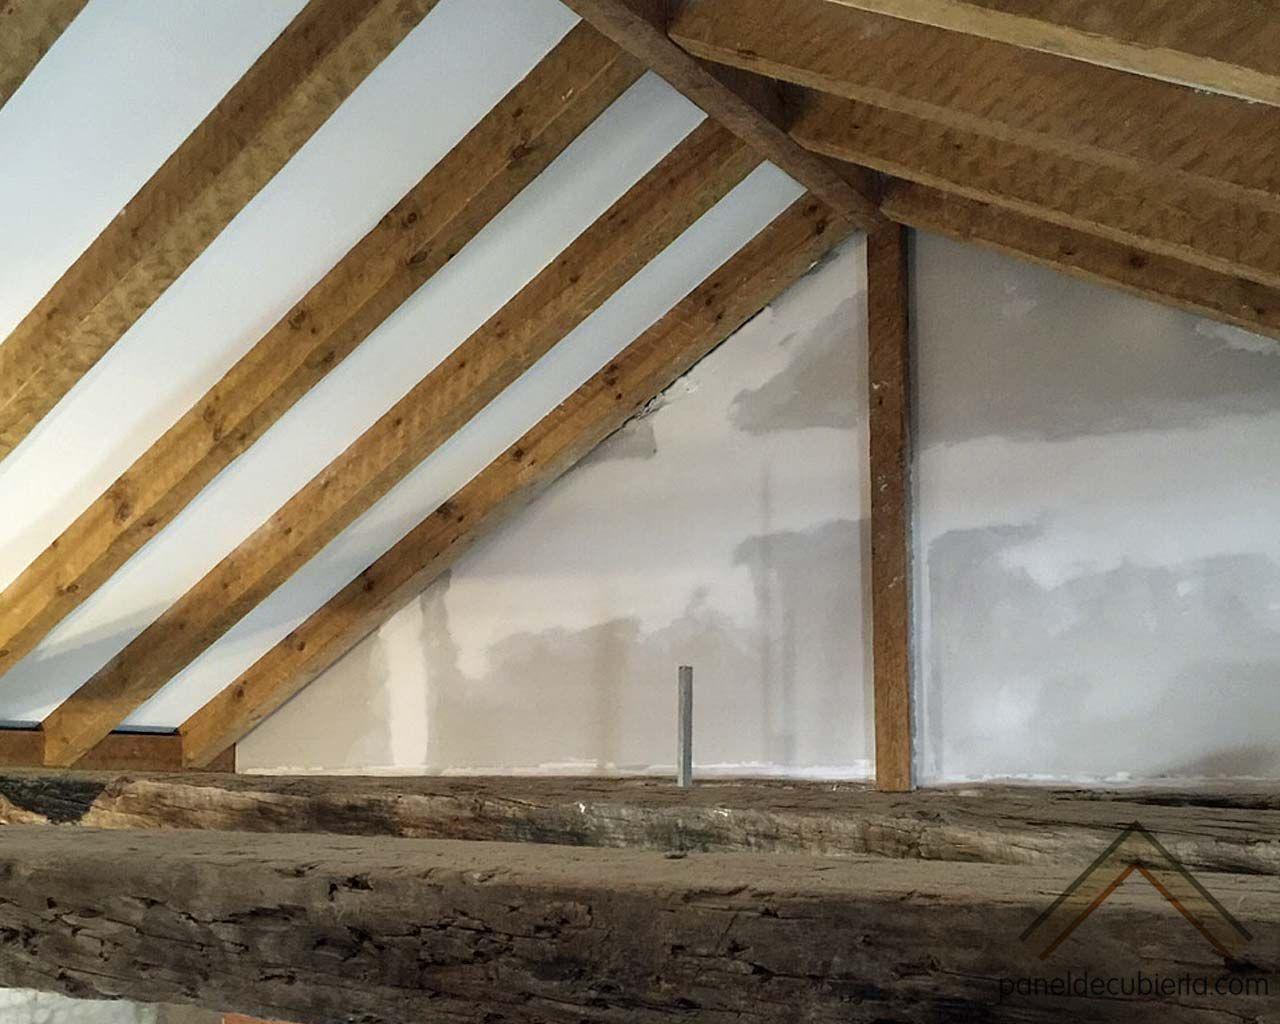 Fase de remate de colocación de panel de madera con núcleo aislante ...